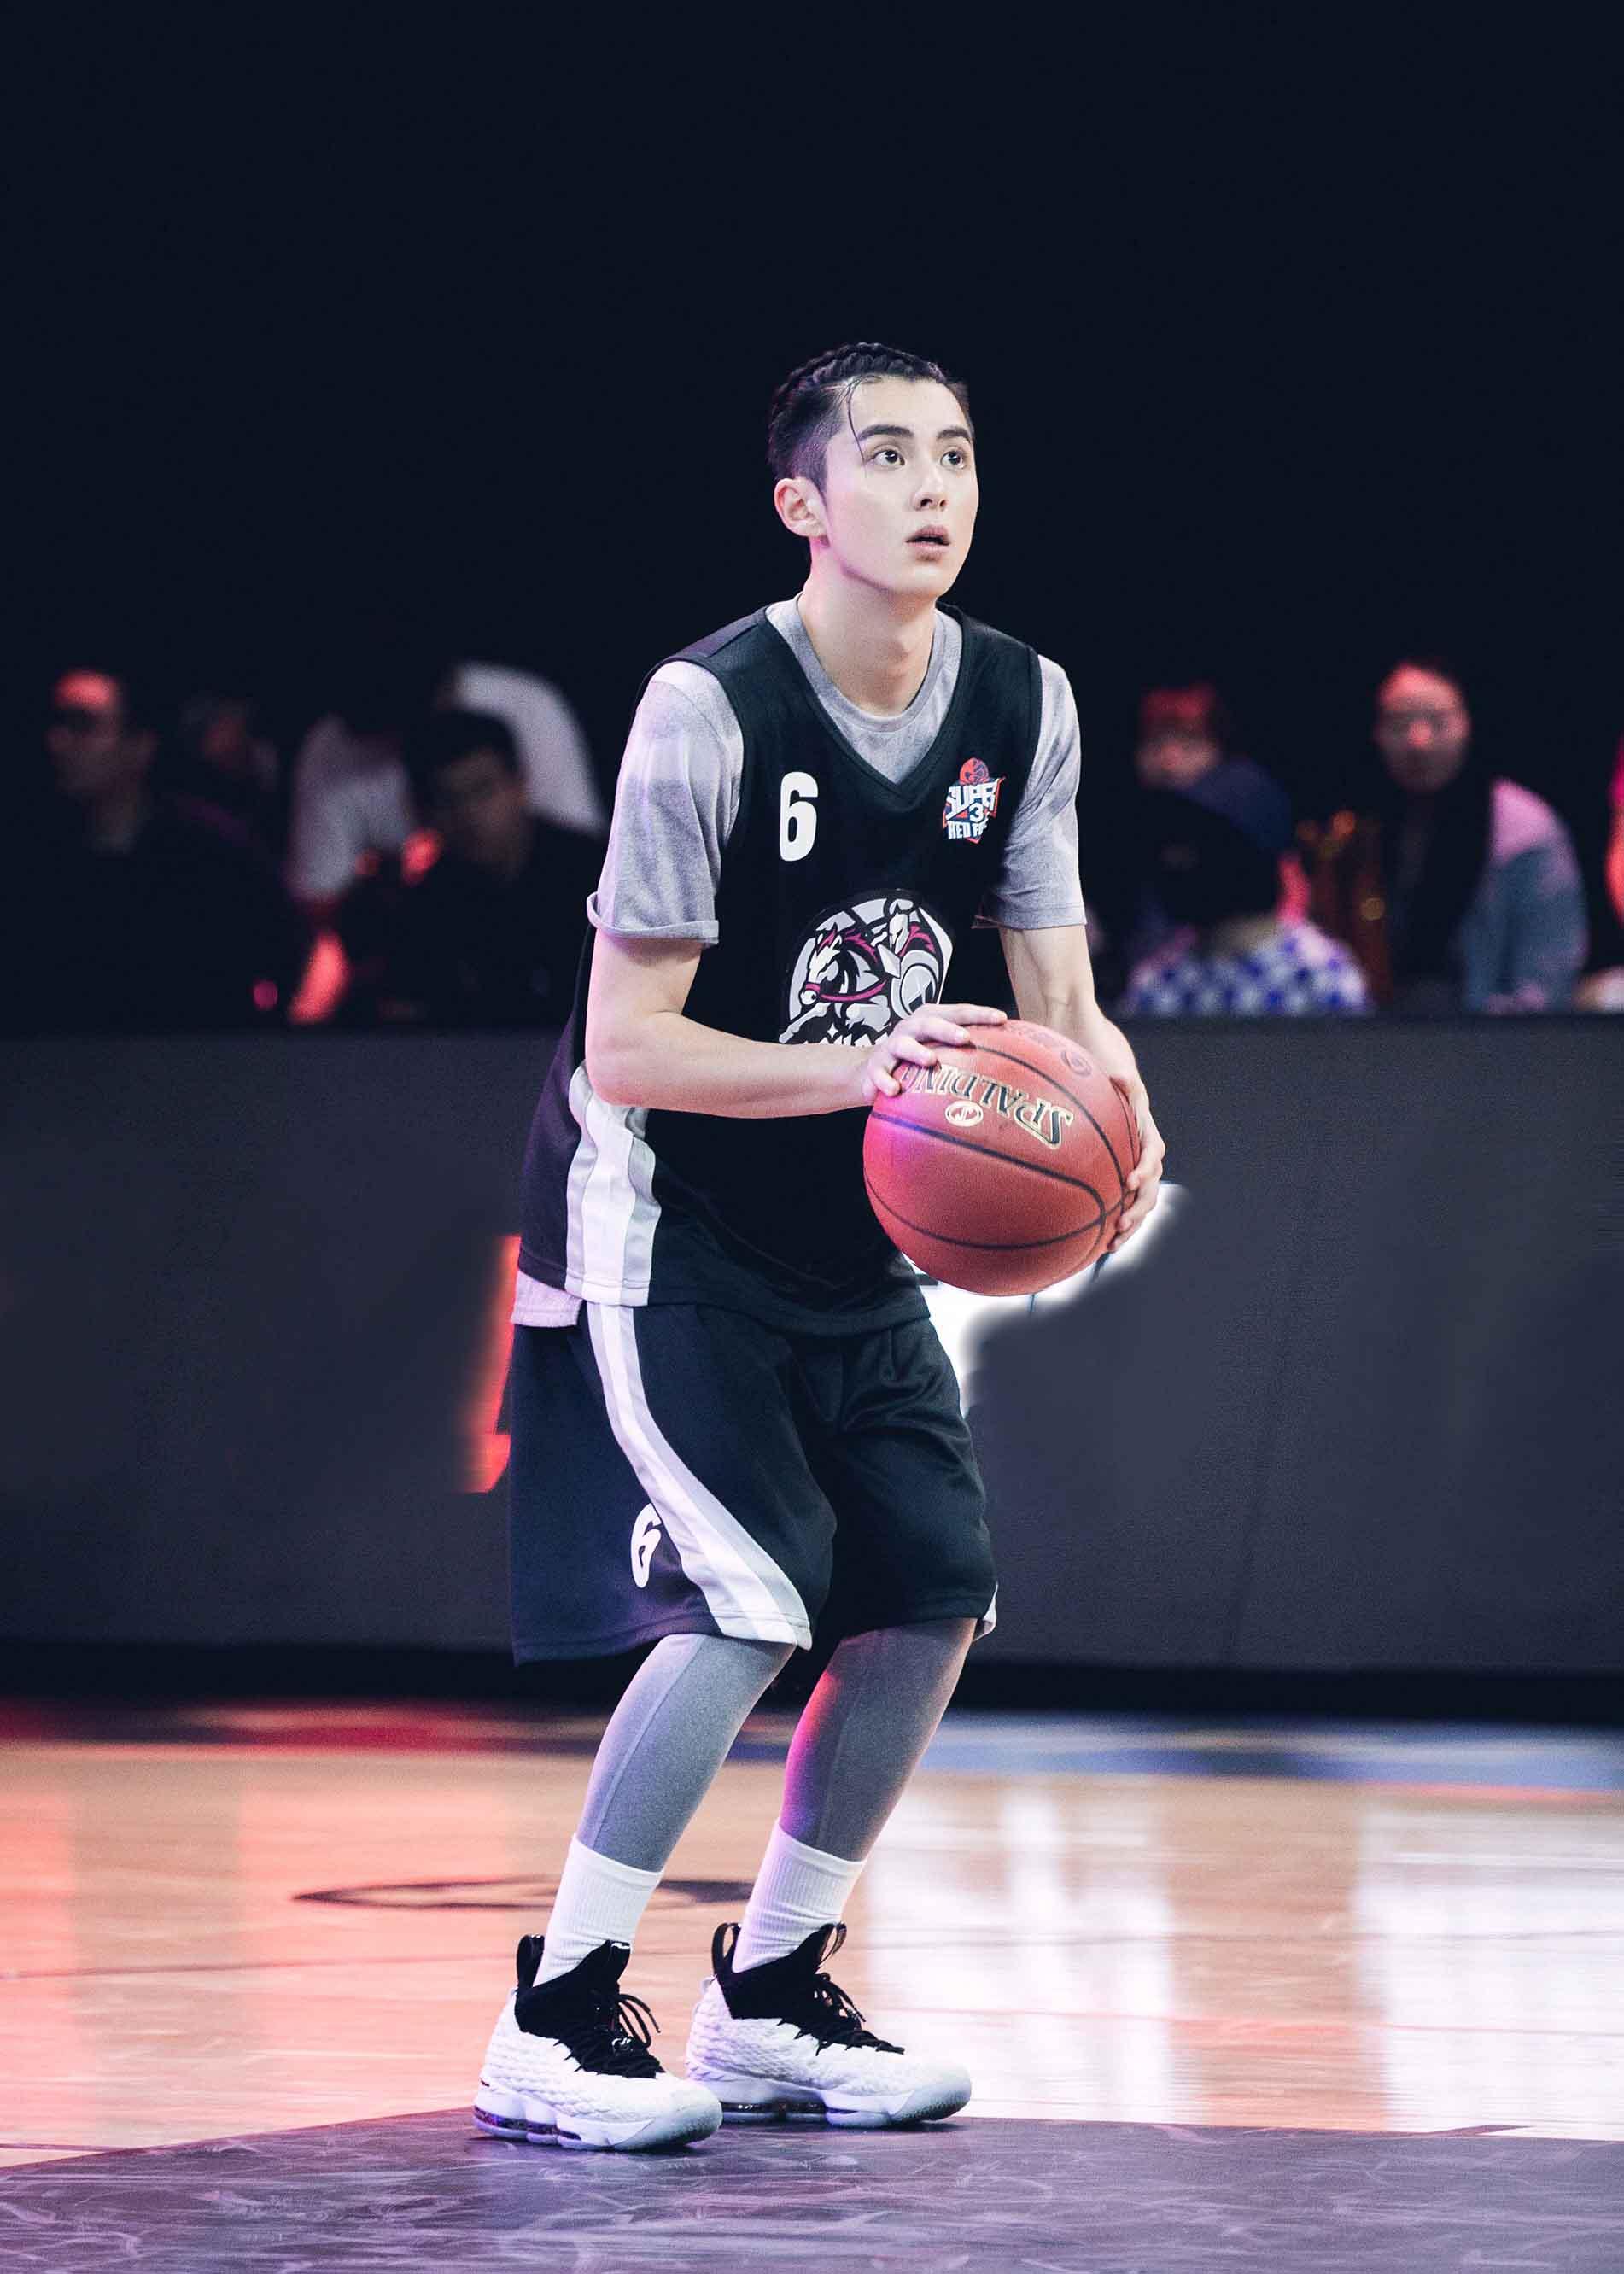 王鹤棣帅气出战明星篮球赛  三分球带队拿下全场首胜